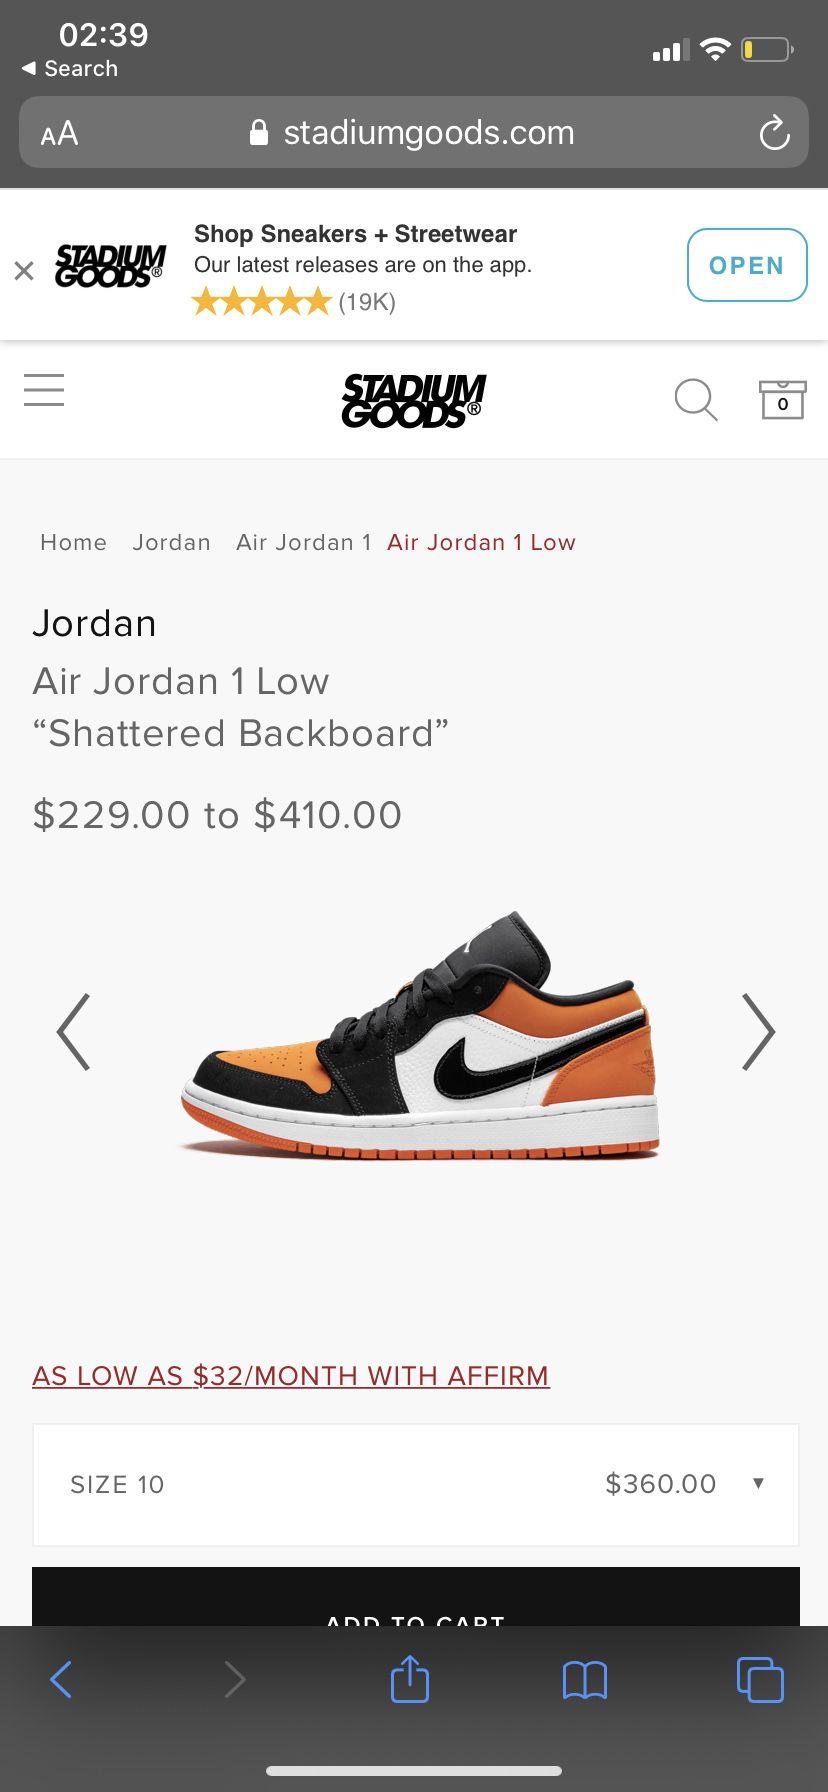 JORDAN 1 LOW SHATTERED BACKBOARD